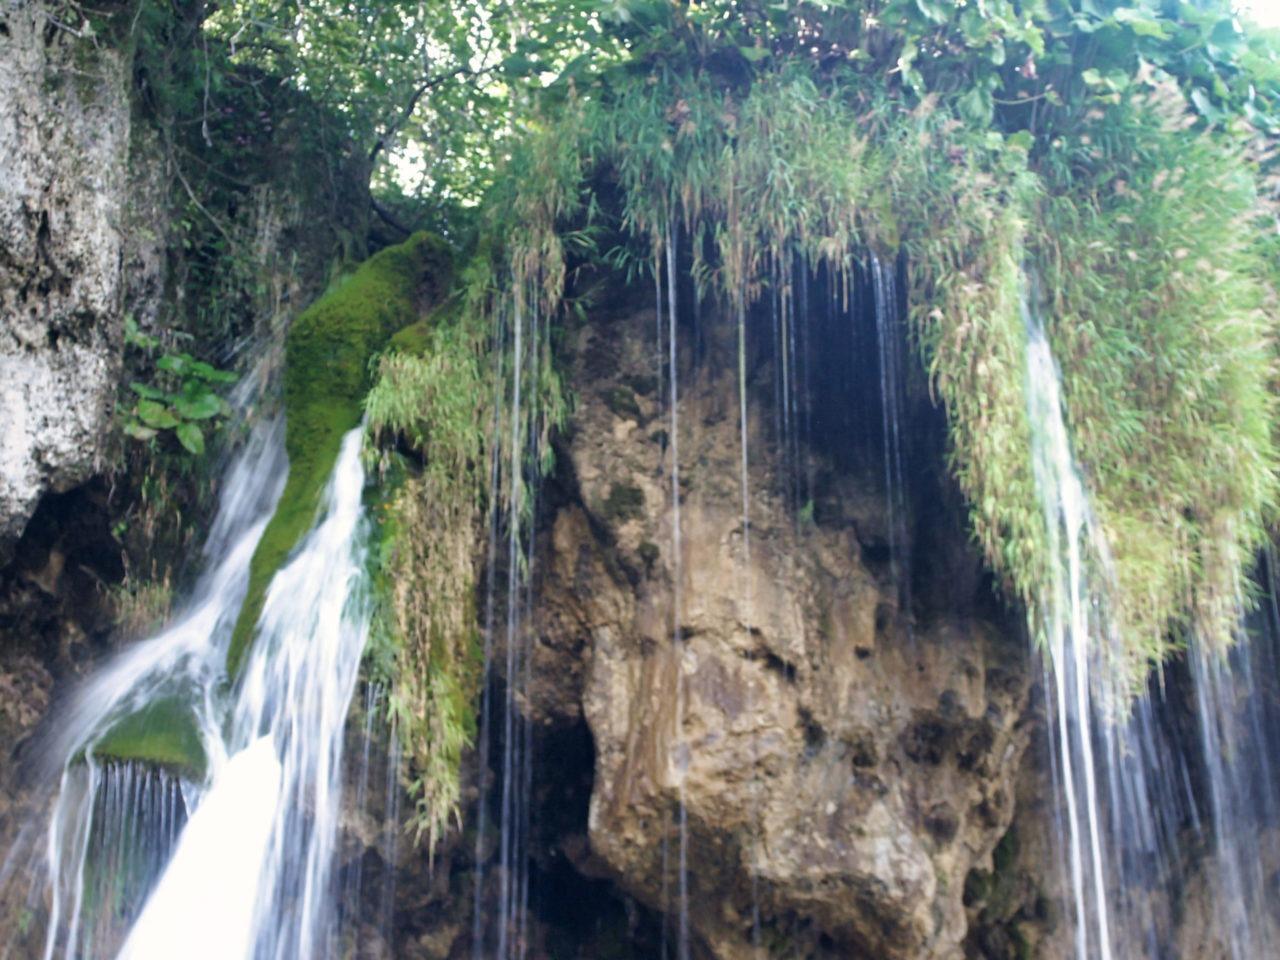 Water valt omlaag langs de planten